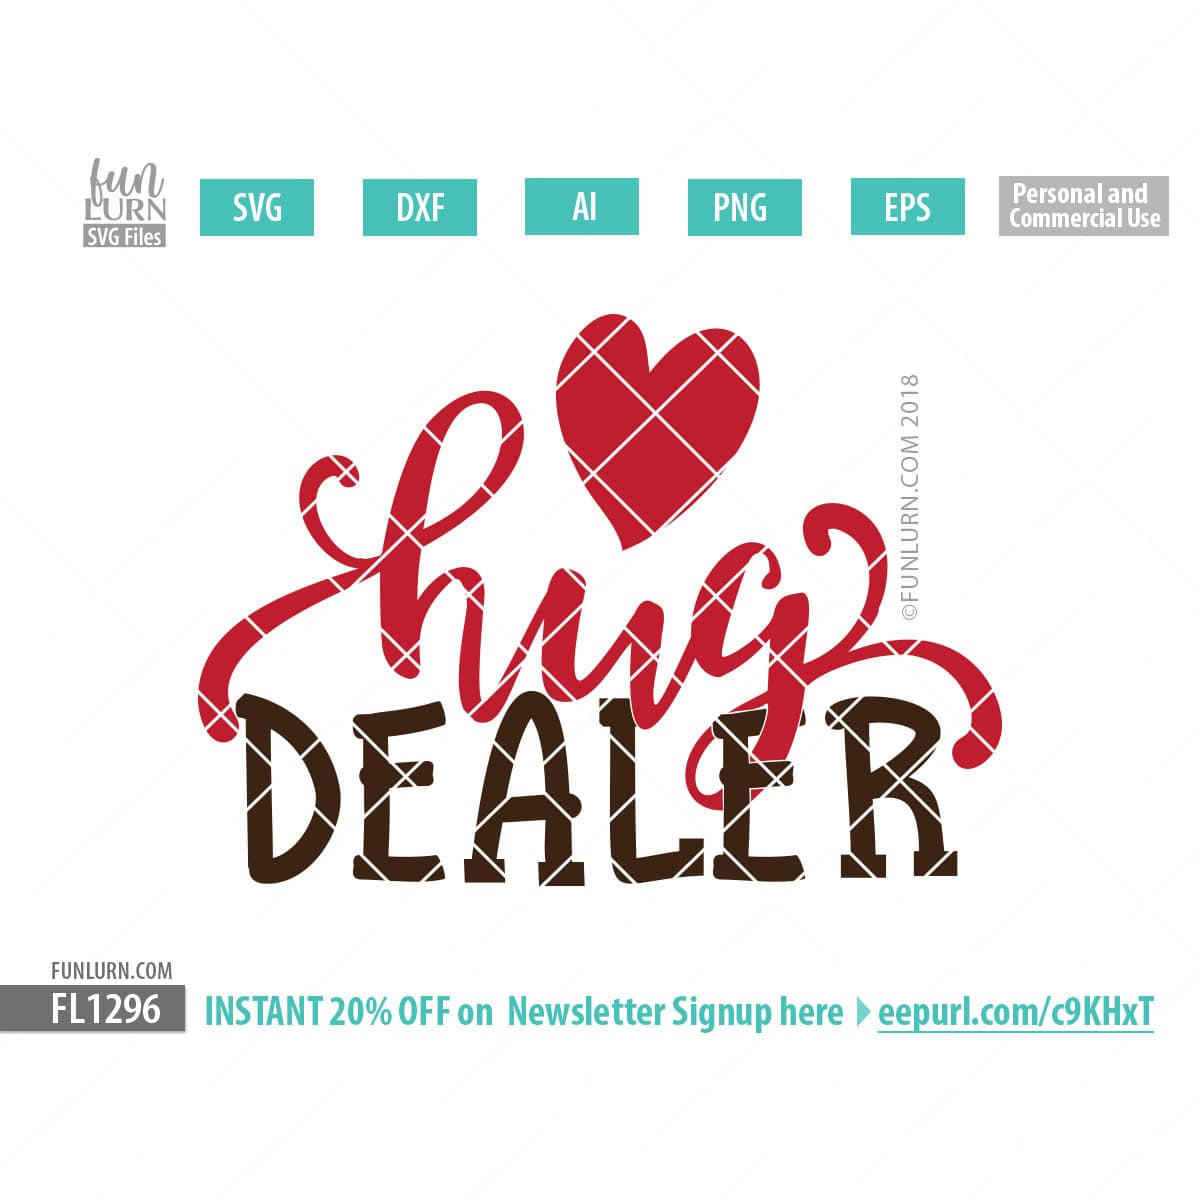 Hug Dealer Svg Funlurn